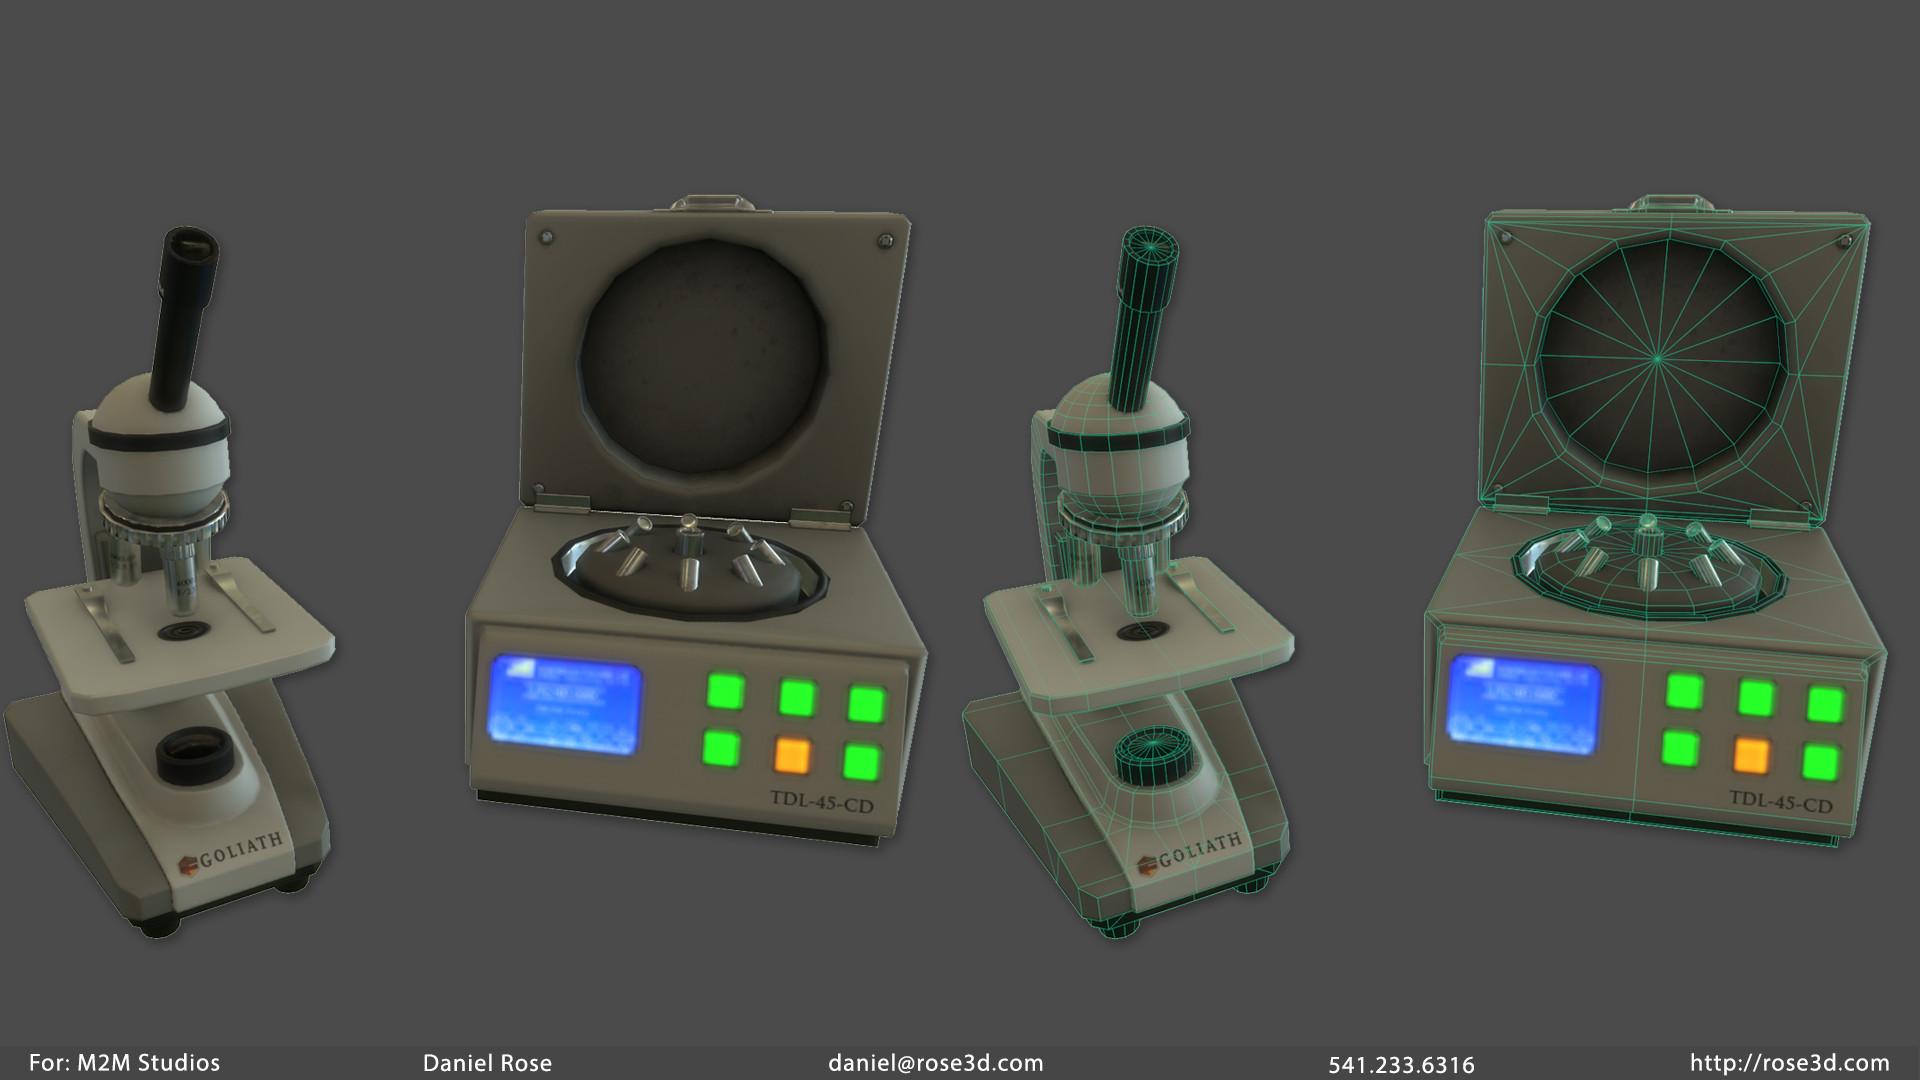 Daniel rose labequipment prop